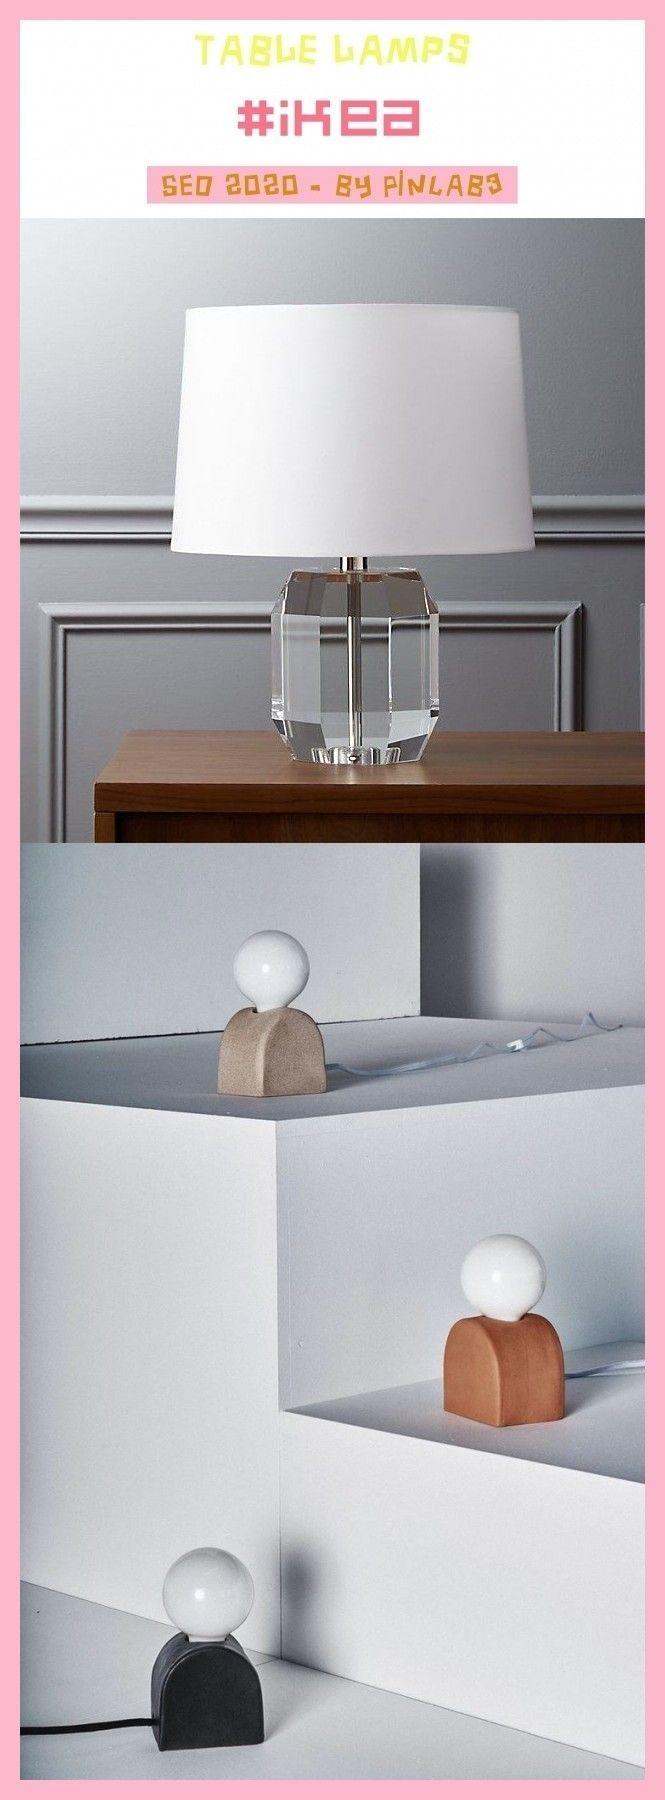 Full Size of Tisch Lampen Tischlampen Ikea Trending Wohnzimmer Küche Kosten Betten Bei 160x200 Modulküche Kaufen Miniküche Sofa Mit Schlaffunktion Wohnzimmer Wohnzimmerlampen Ikea